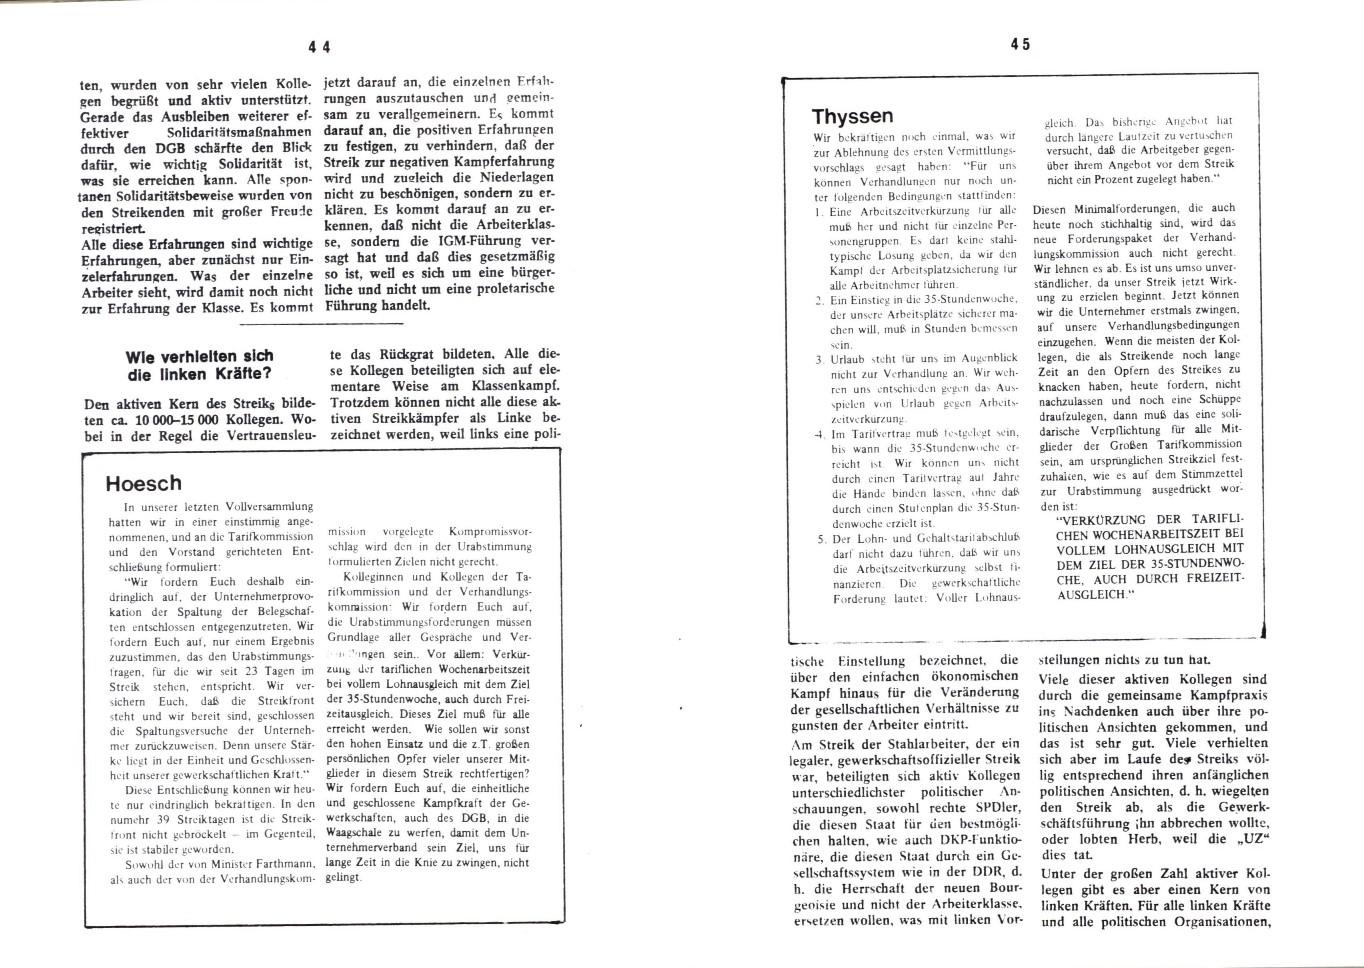 KPDAO_1979_Streik_in_der_Stahlindustrie_24